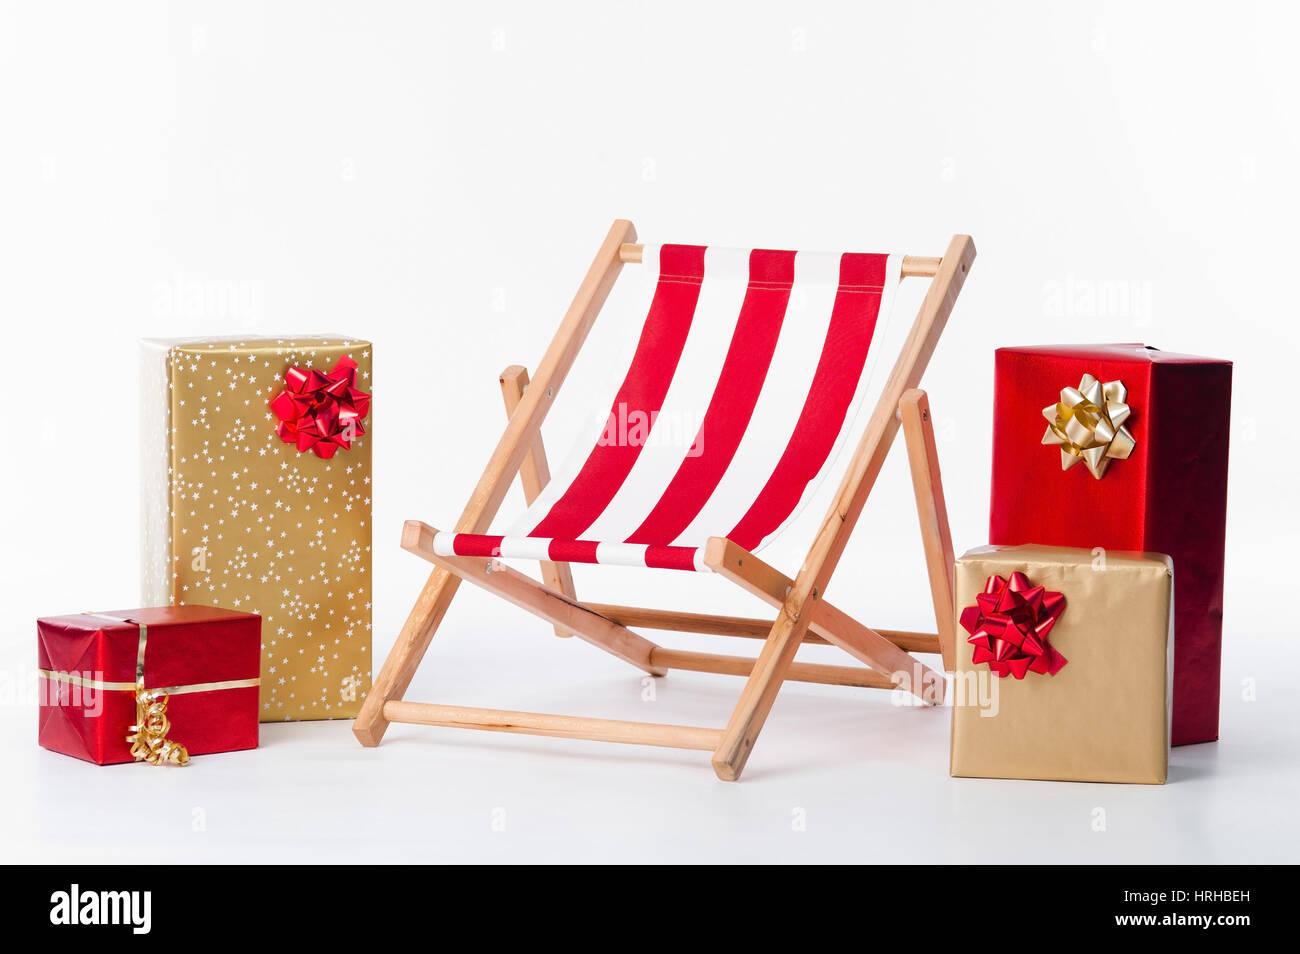 Liegestuhl und Weihnachtsgeschenke - deckchair and christmas presents - Stock Image